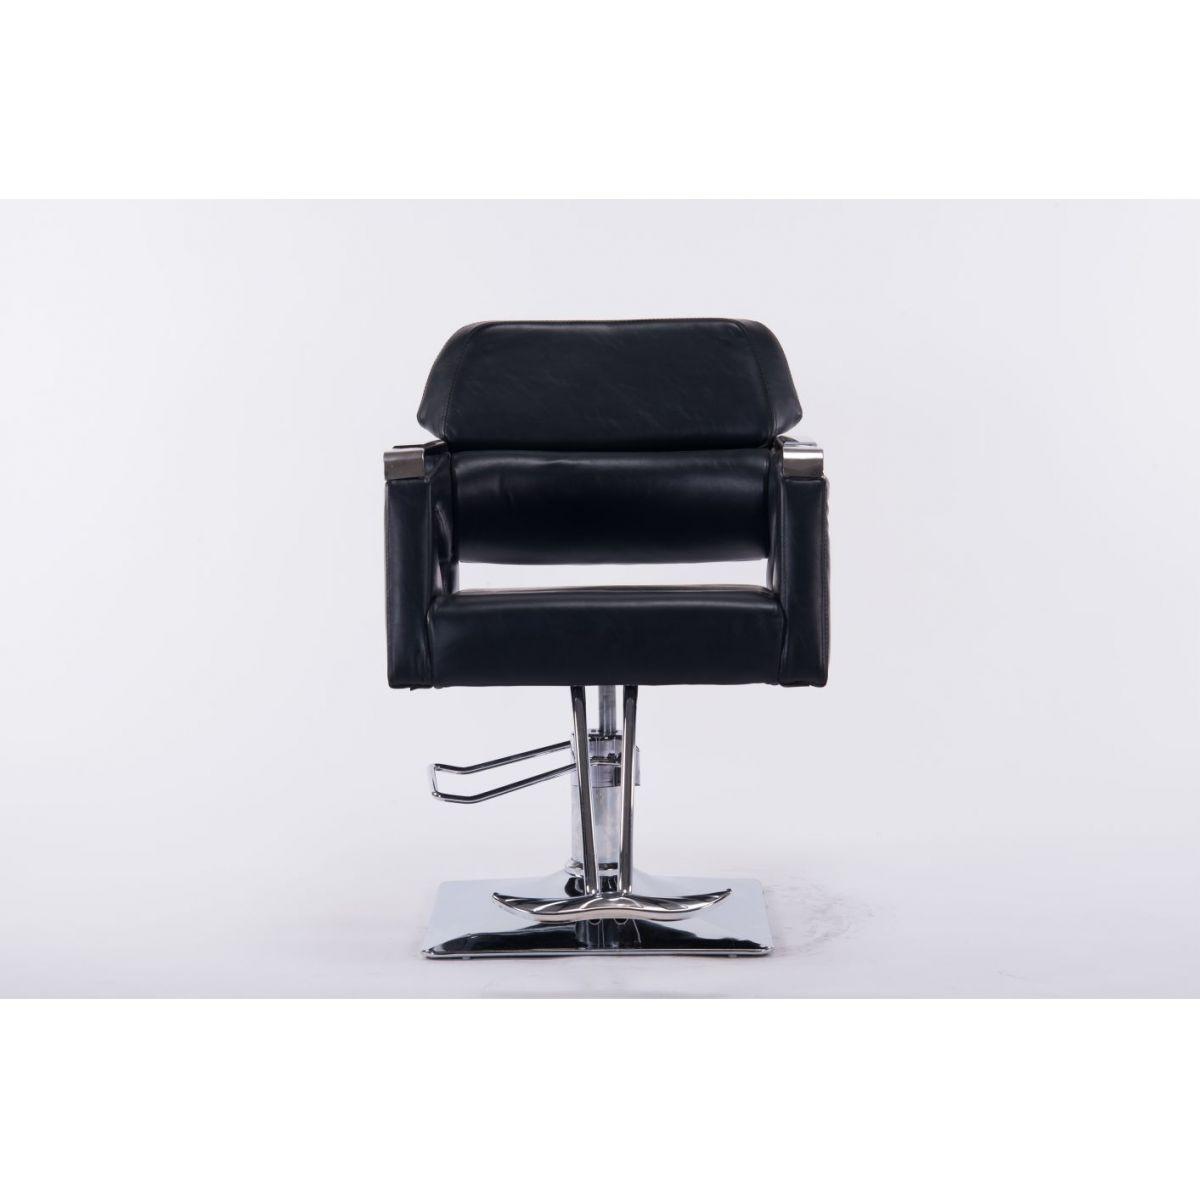 Cadeira Hidráulica de Salão Barbeiro LUX  Em Couro PU UT-C0398